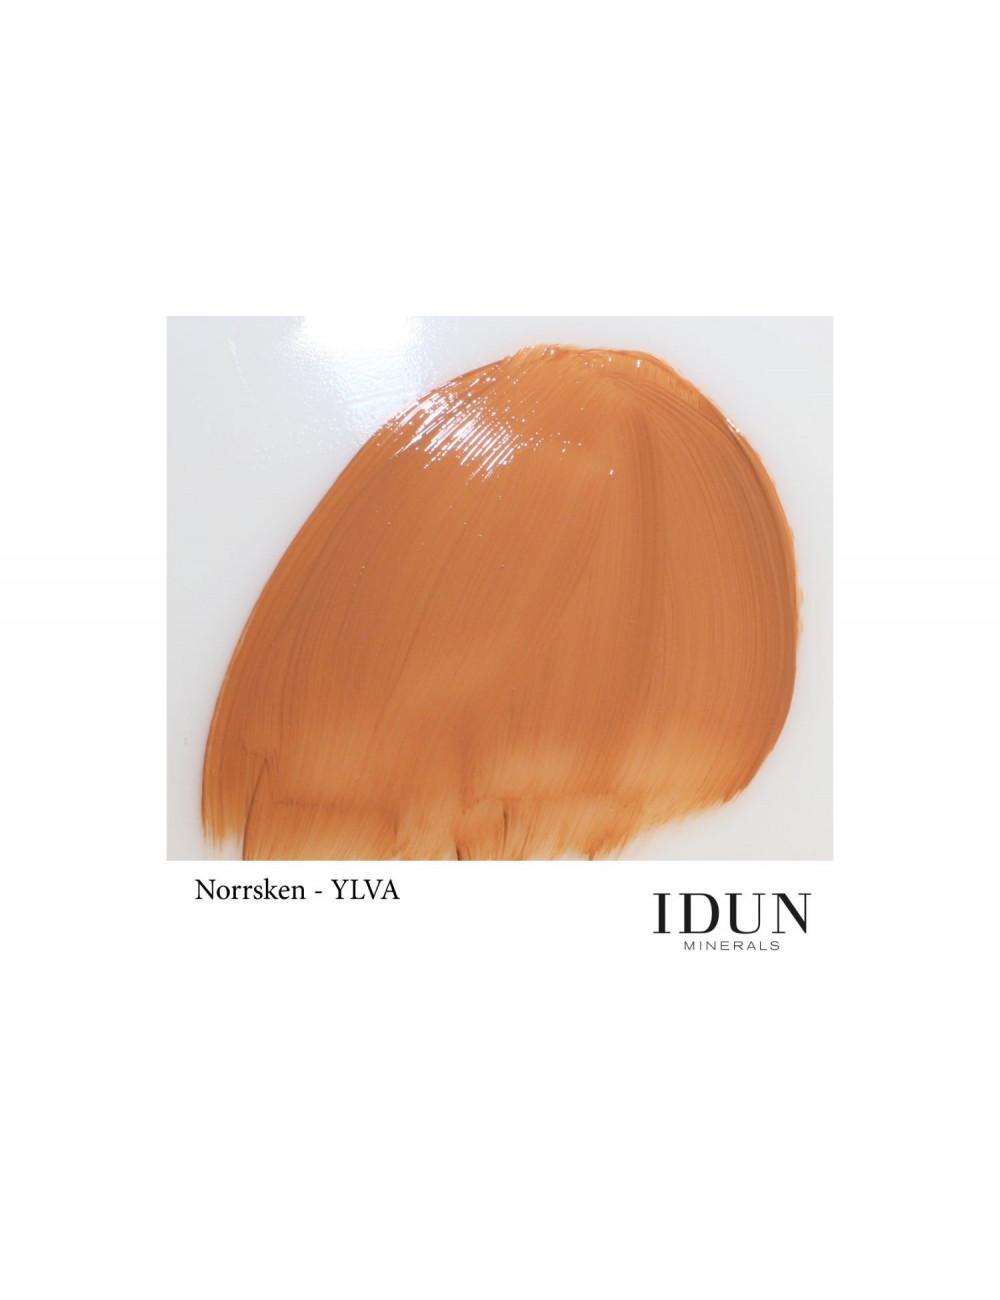 IDUN Minerals Tekoči puder Norrsken - Jorunn